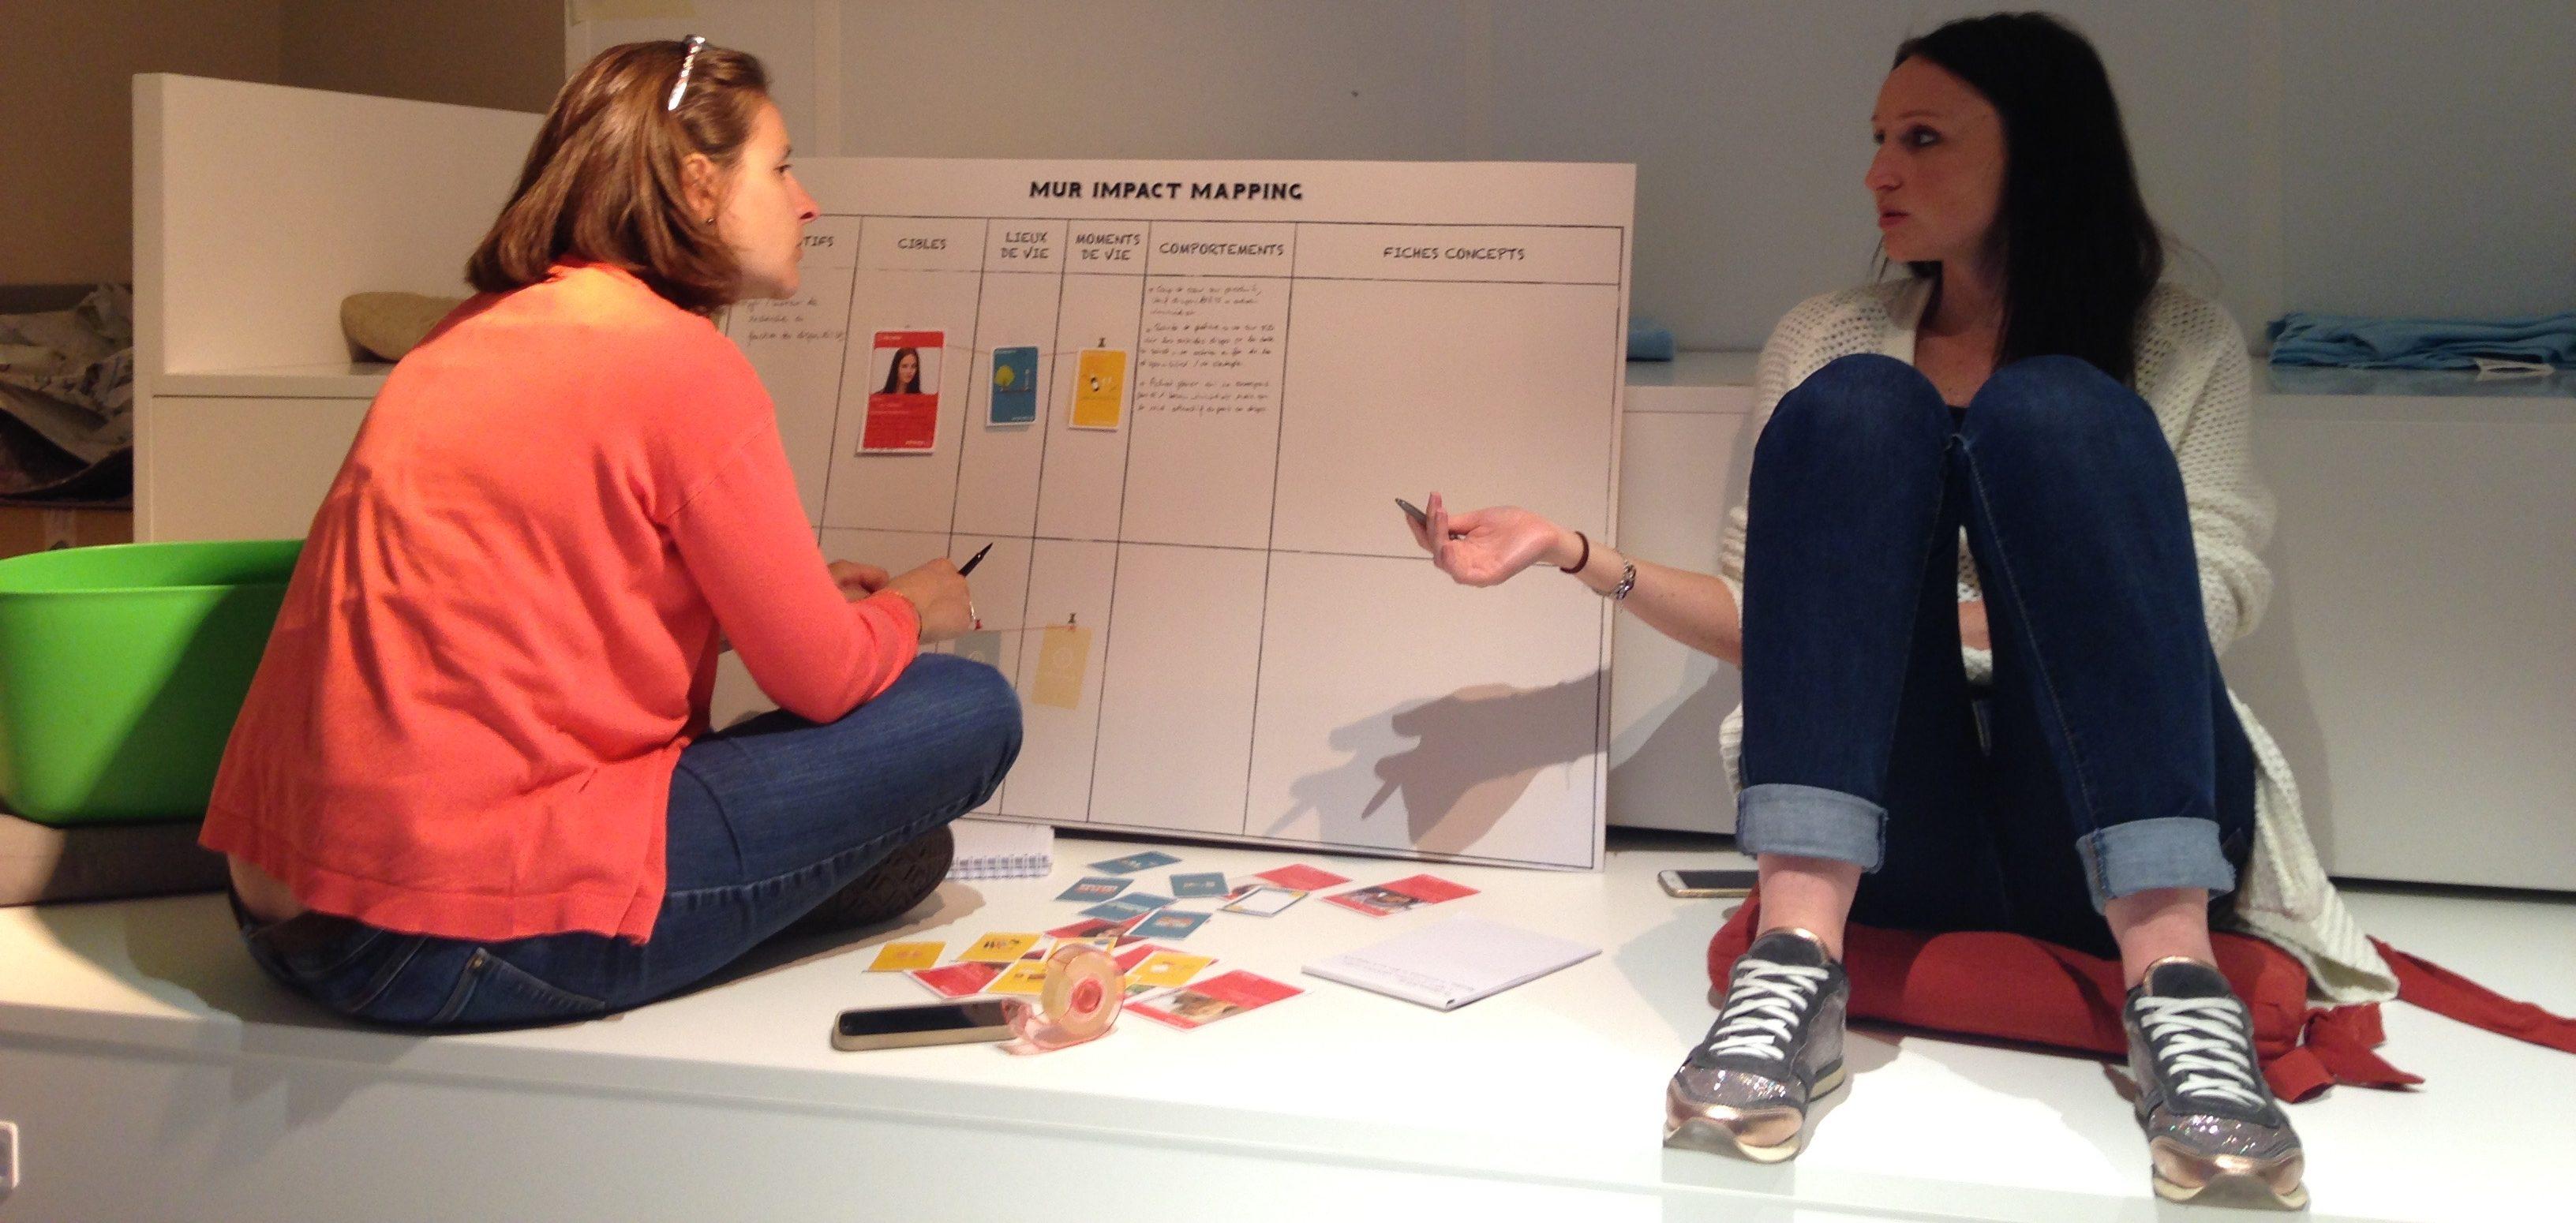 Générer des idées à l'aide de l'impact mapping